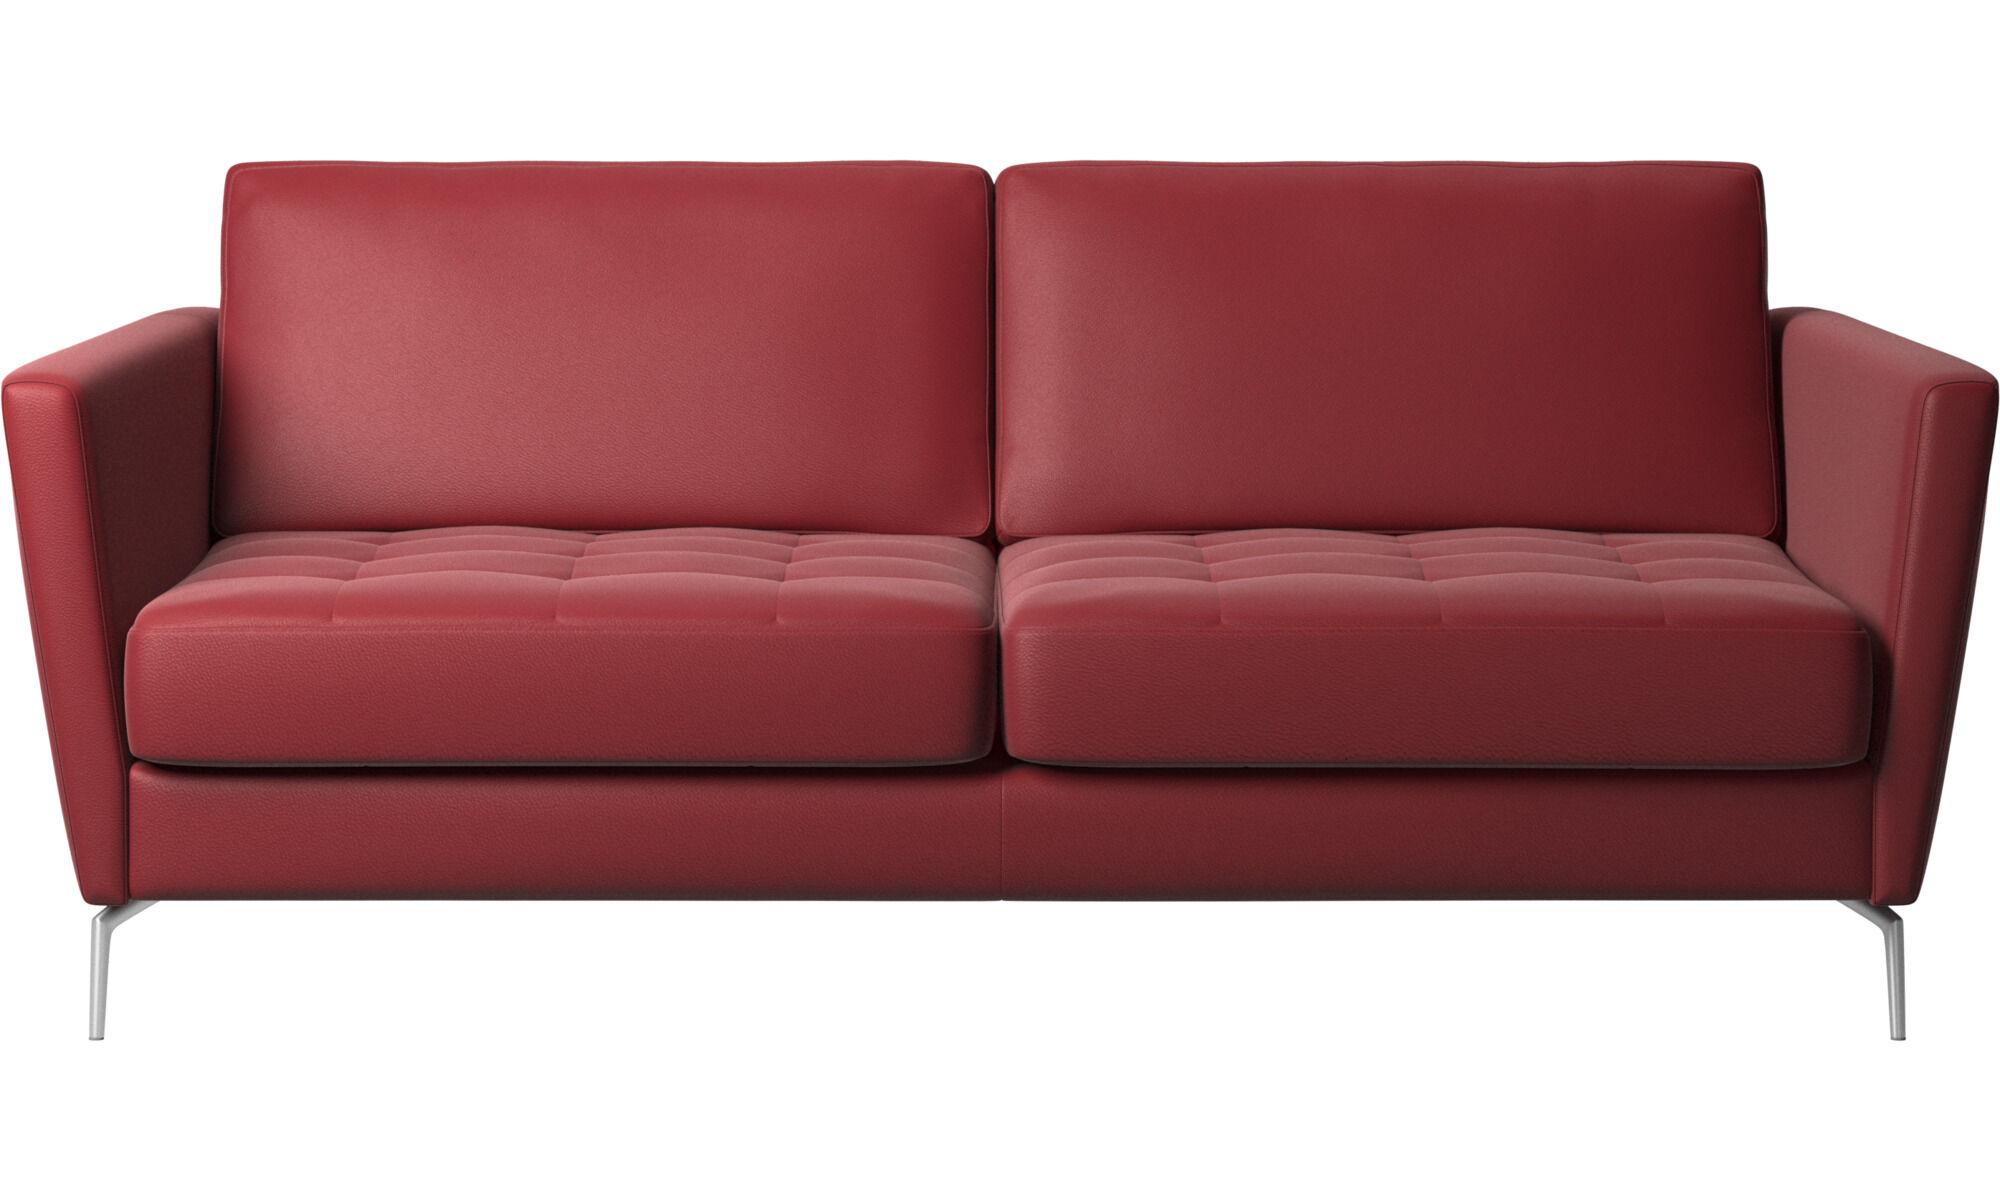 Modern Red Leather Designer Sofa Beds Boconcept